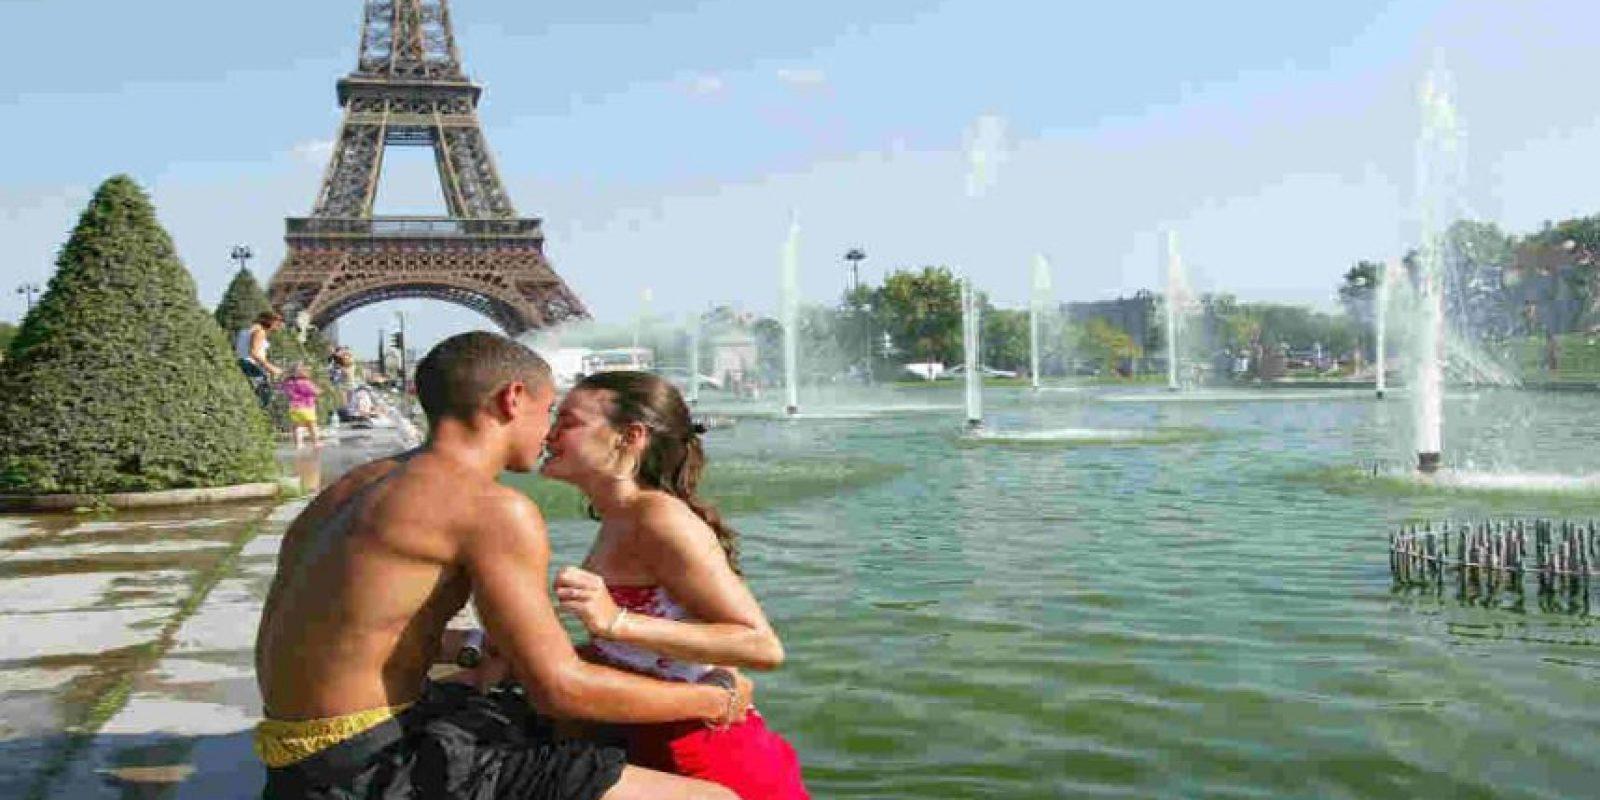 El beso no siempre está ligado al sexo, sin embargo siempre se reconoce como amor. Foto:Getty Images